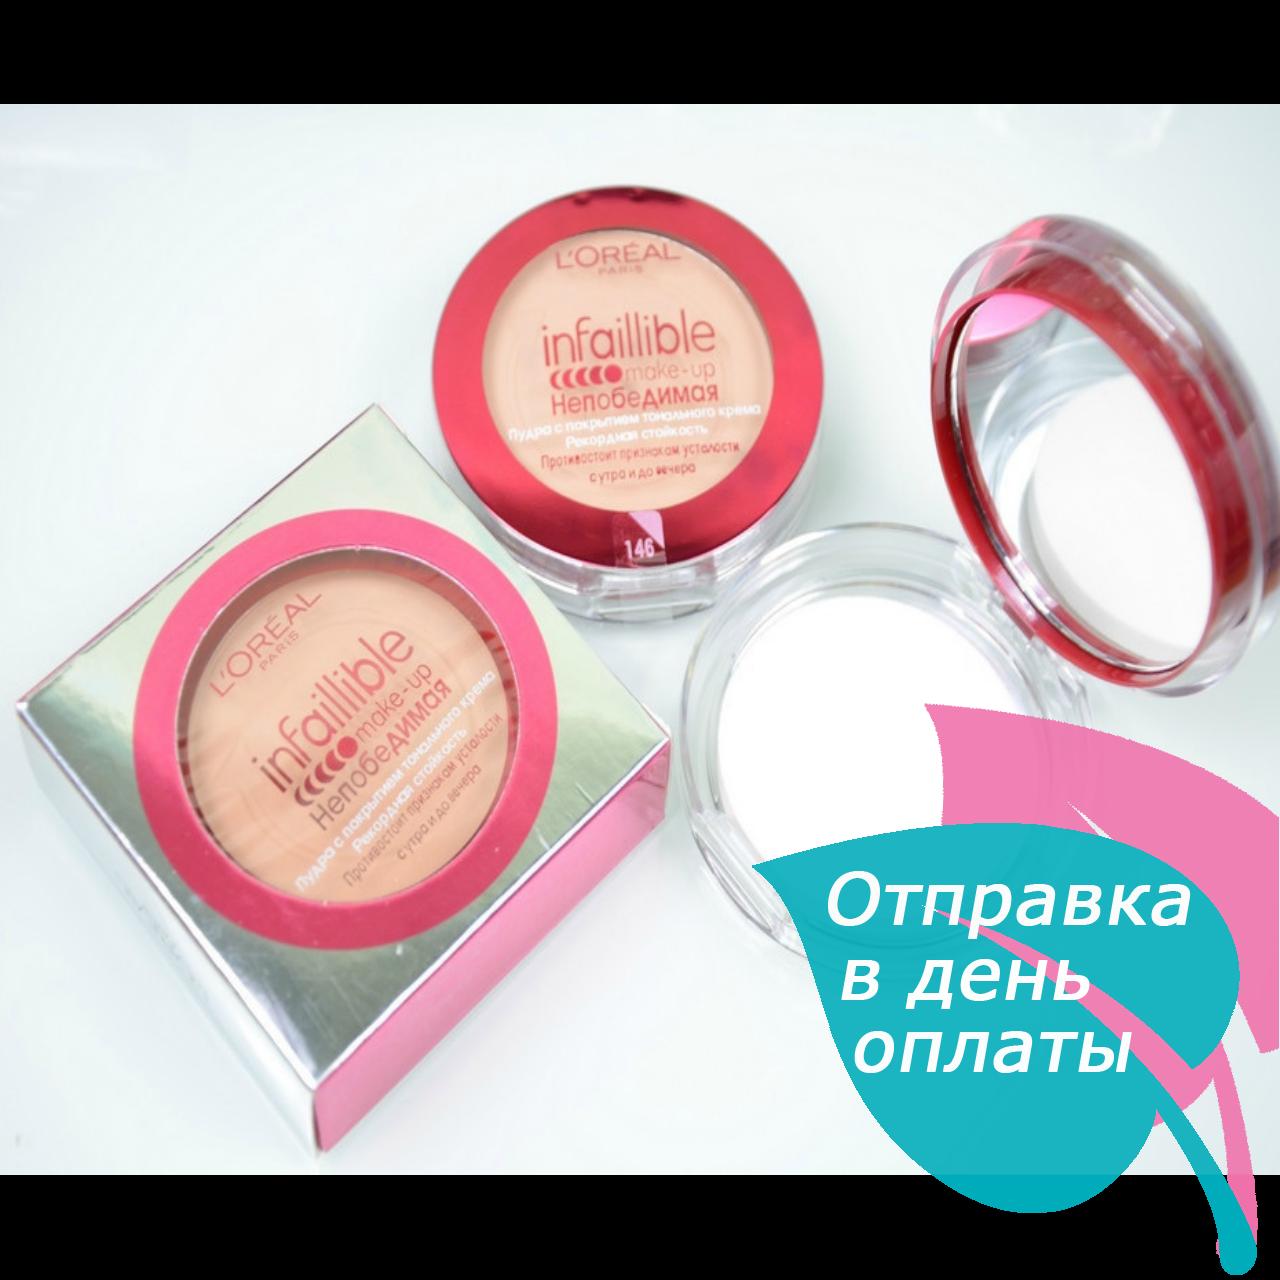 Пудра компактная  L'Oreal Infaillible розовая